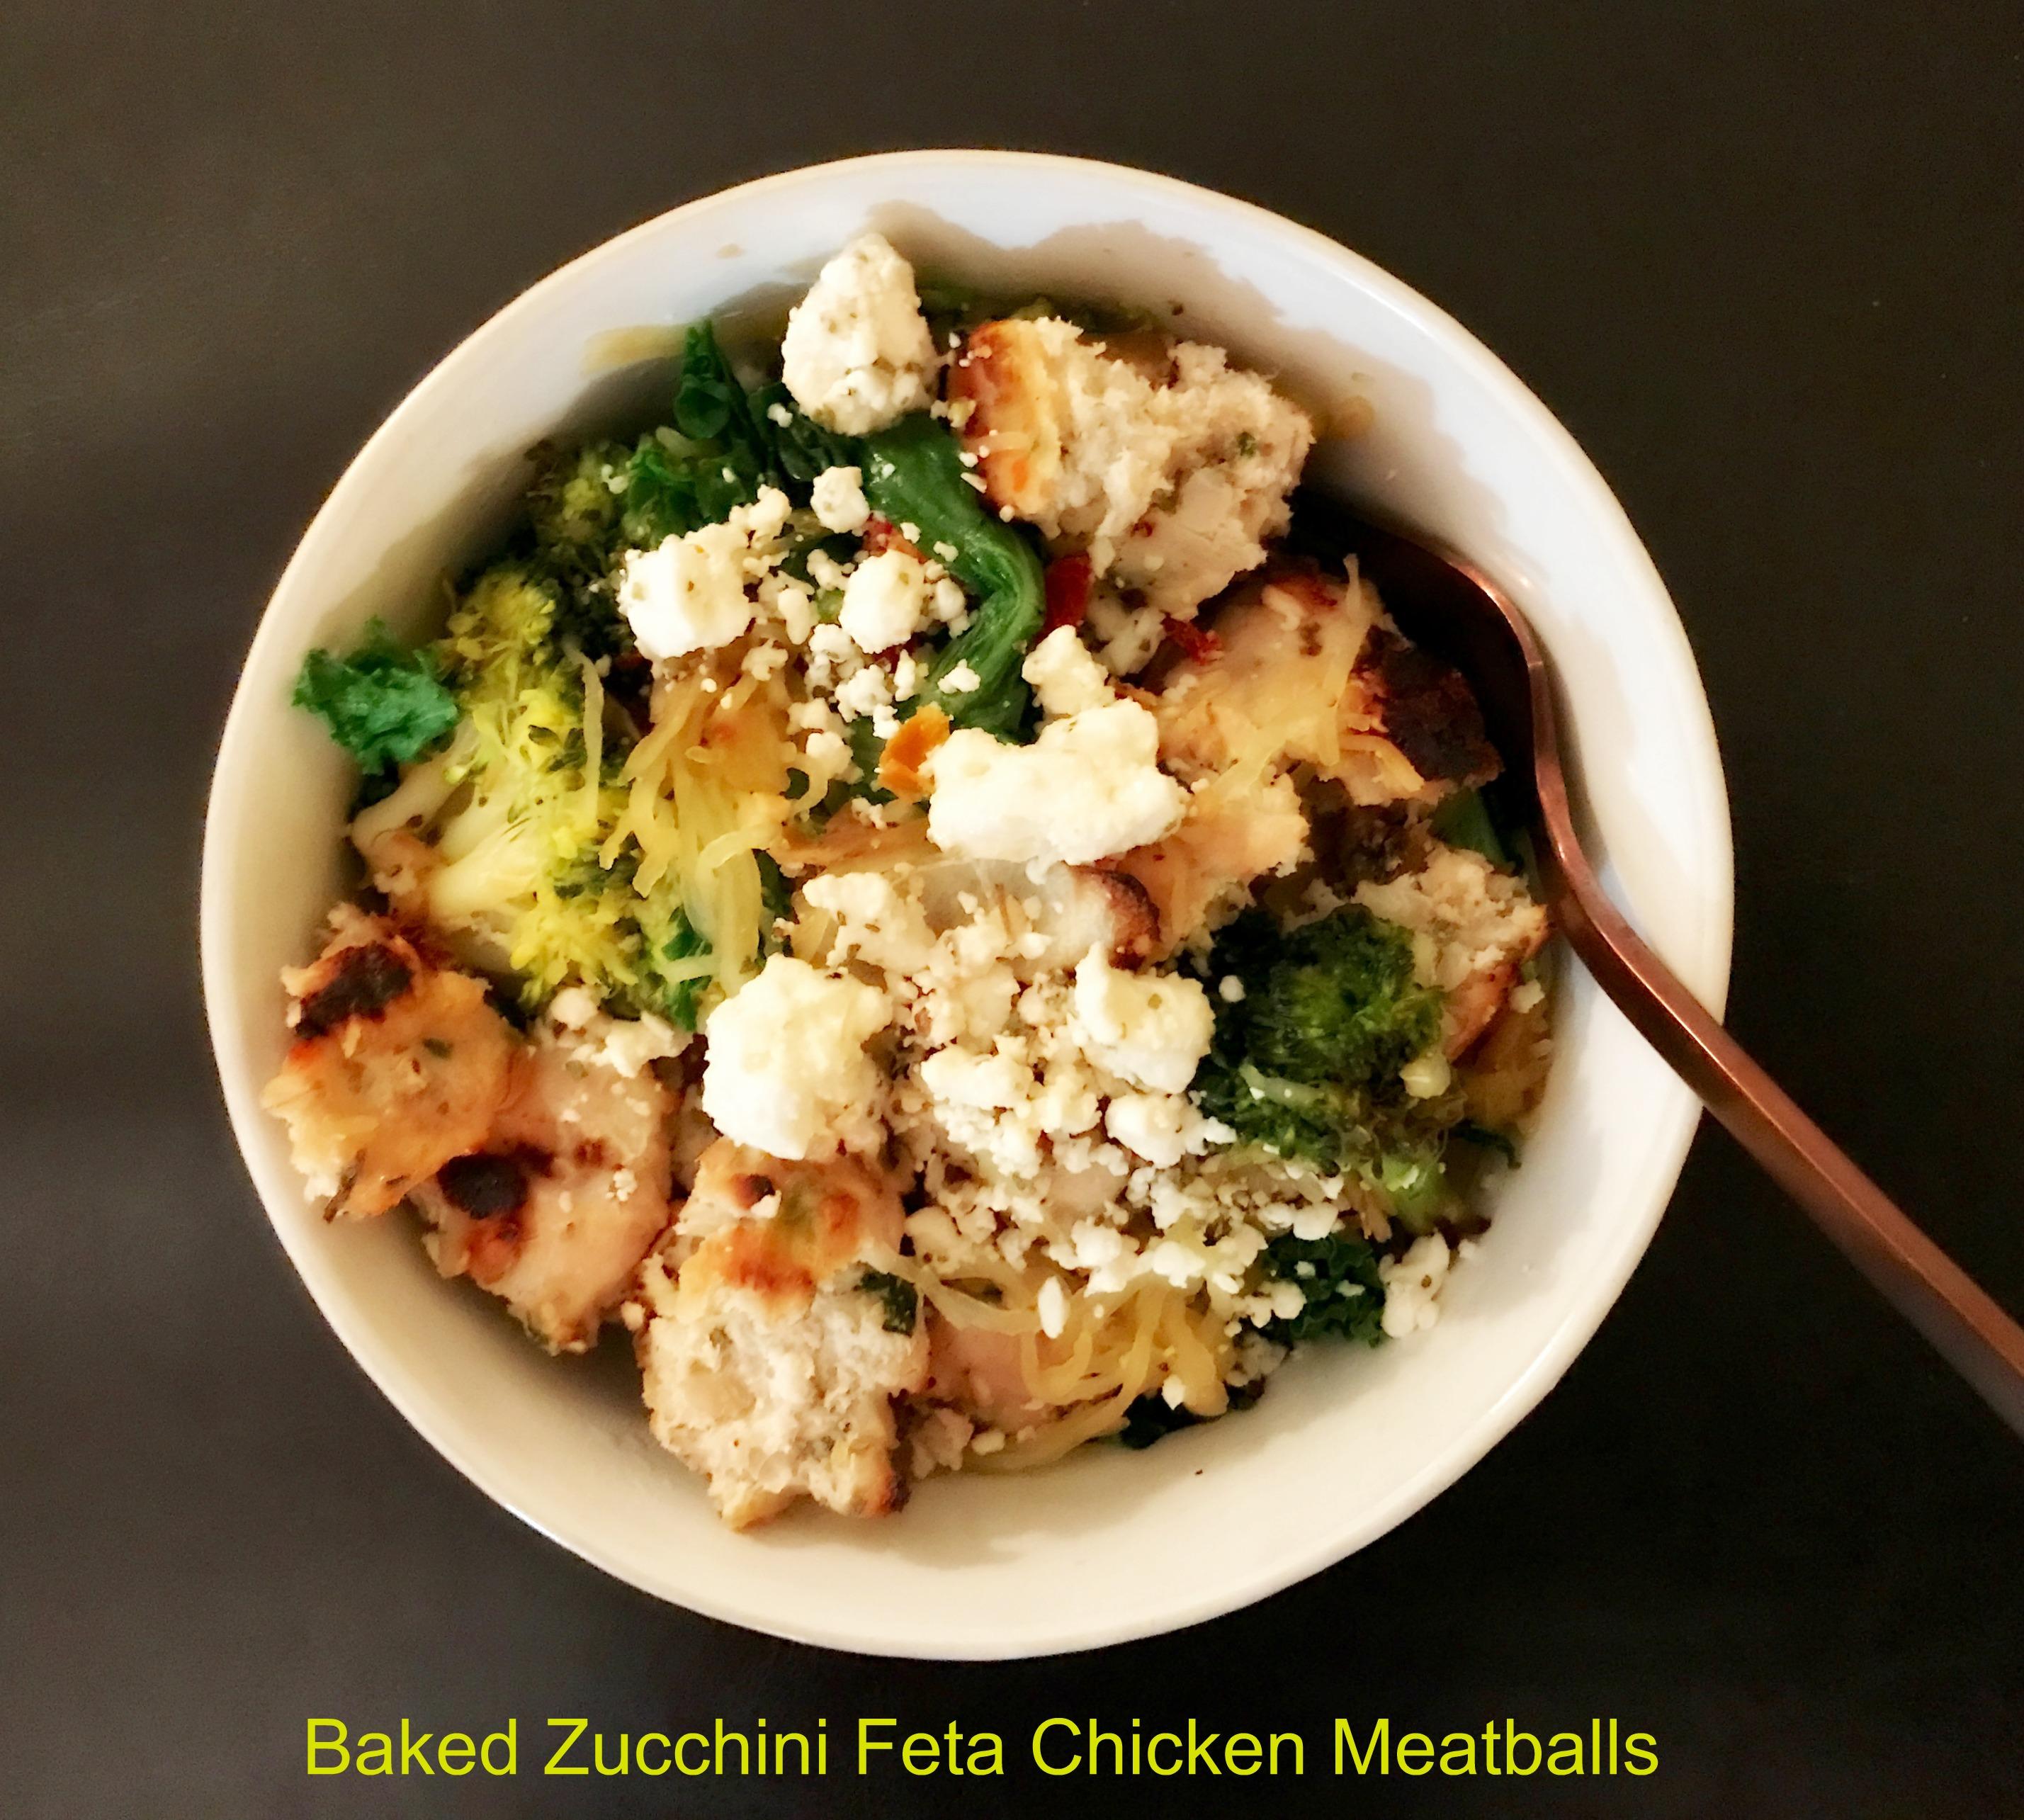 Zucchini Feta Chicken Meatballs